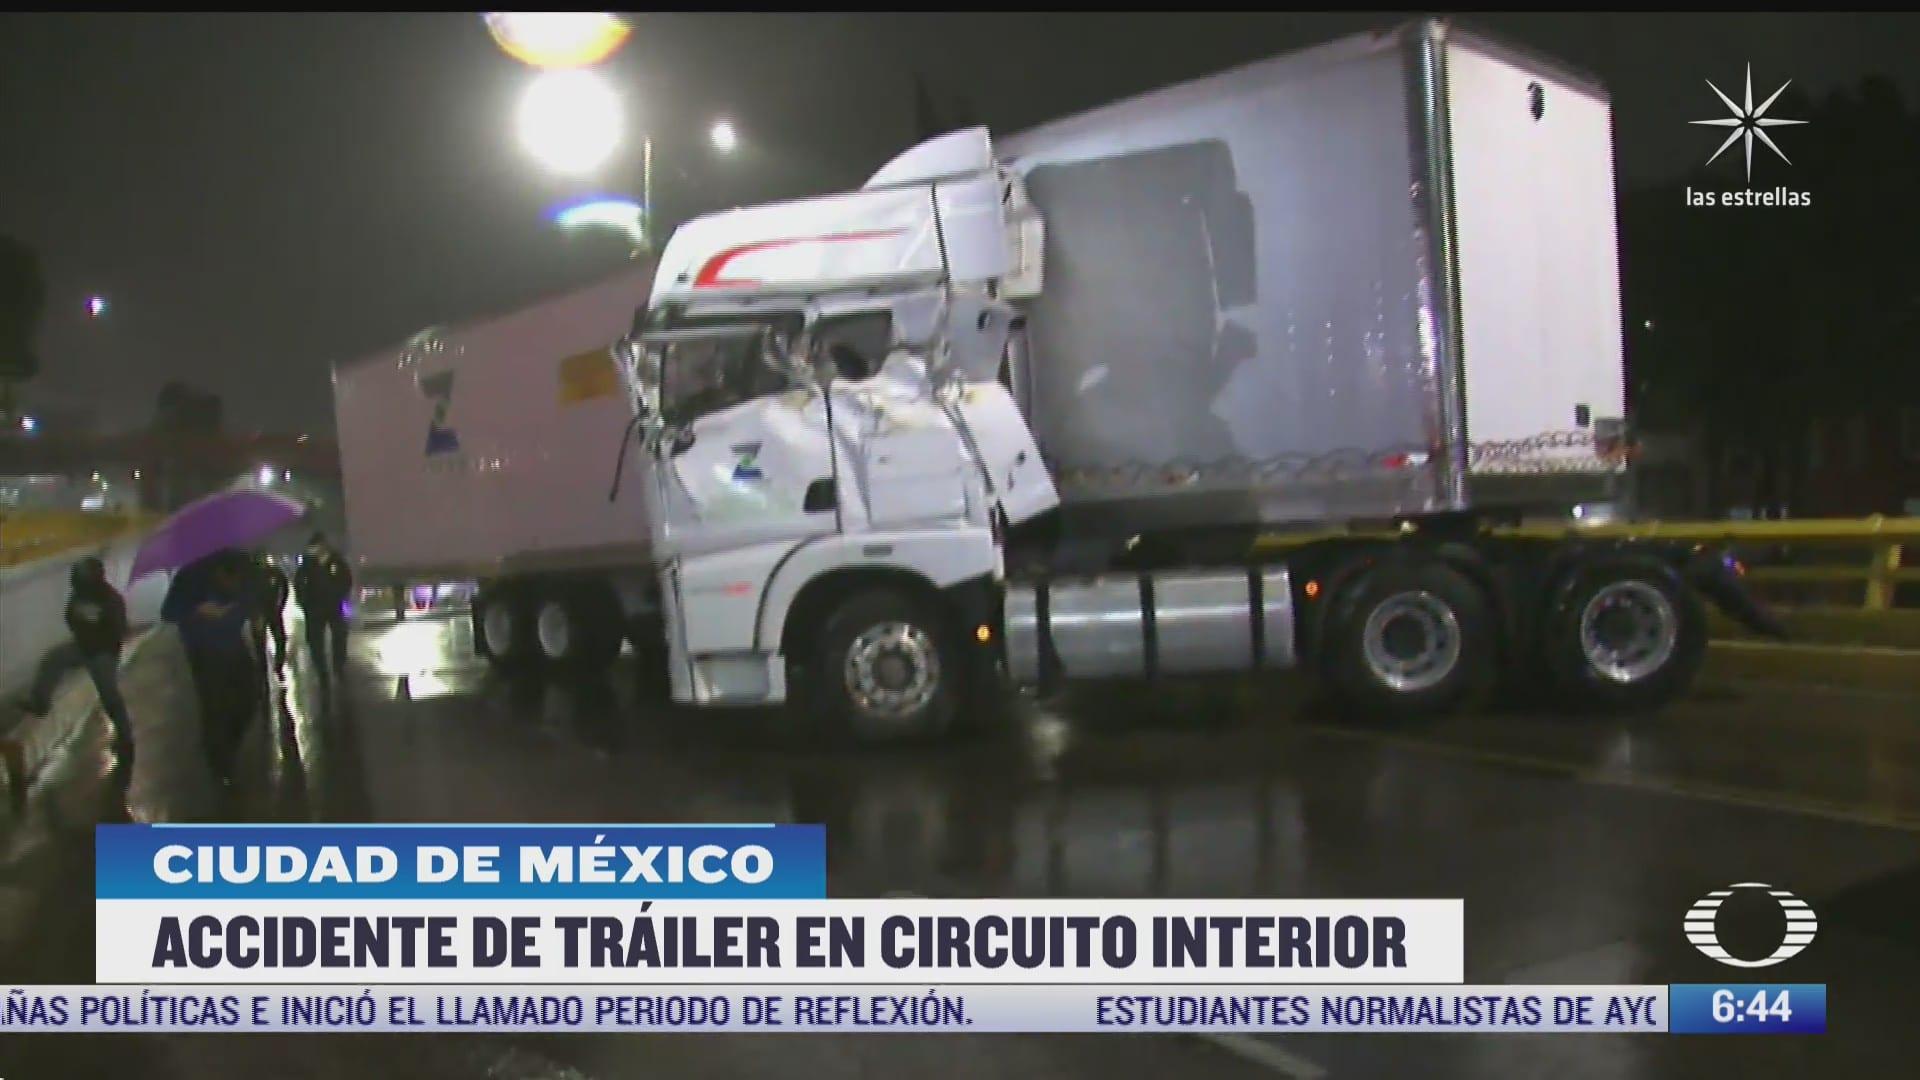 choca trailer en circuito interior cdmx